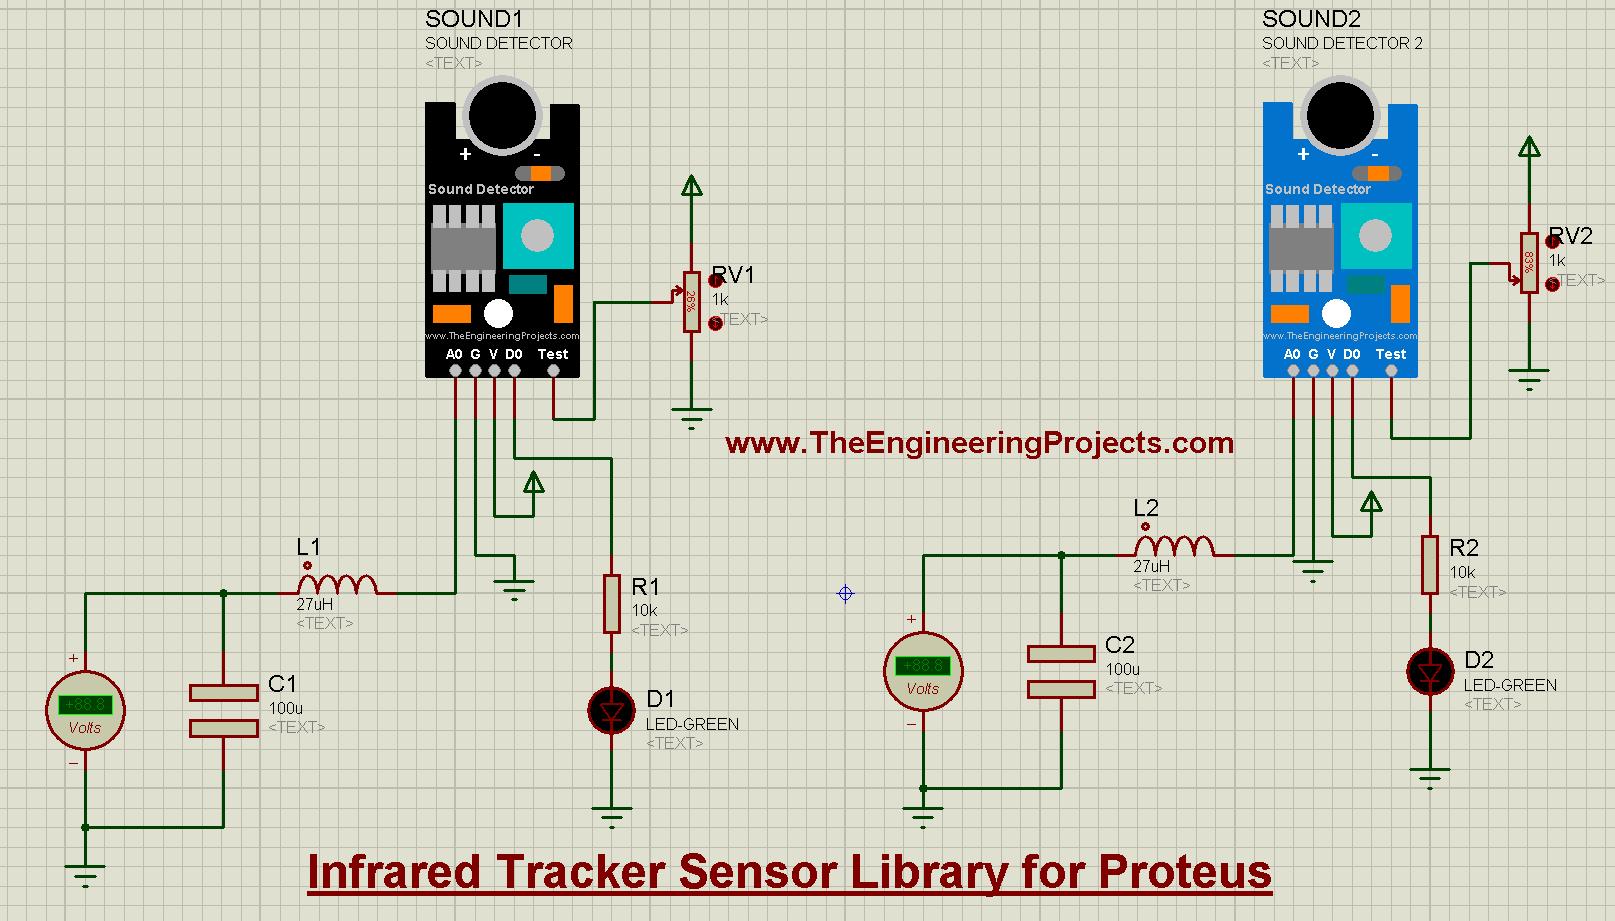 Sound Detector Library for Proteus V2.0, Sound Detector Library for Proteus, Sound Detector in Proteus, Sound Detector Proteus, Sound Detector Proteus simulation